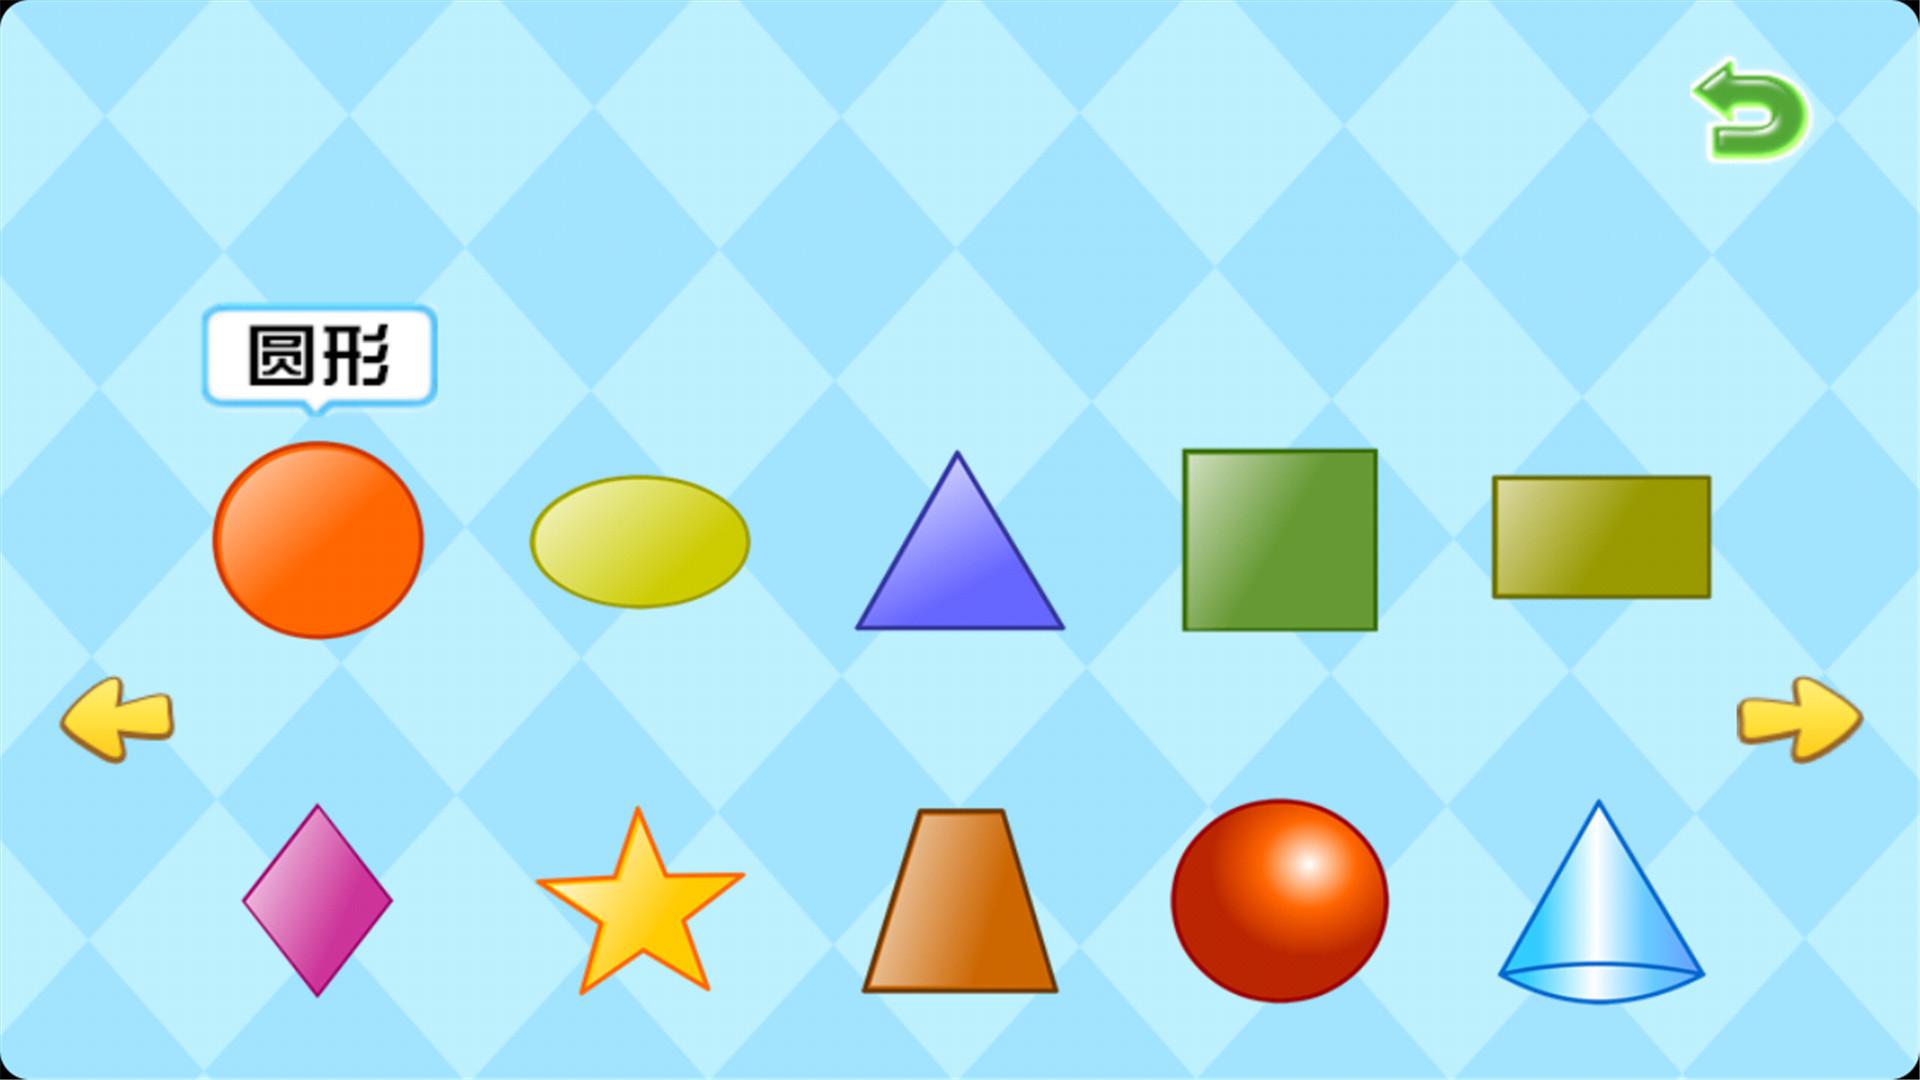 精选了日常生活中常见的形状,颜色的动画卡片;方便宝宝对形状和颜色的